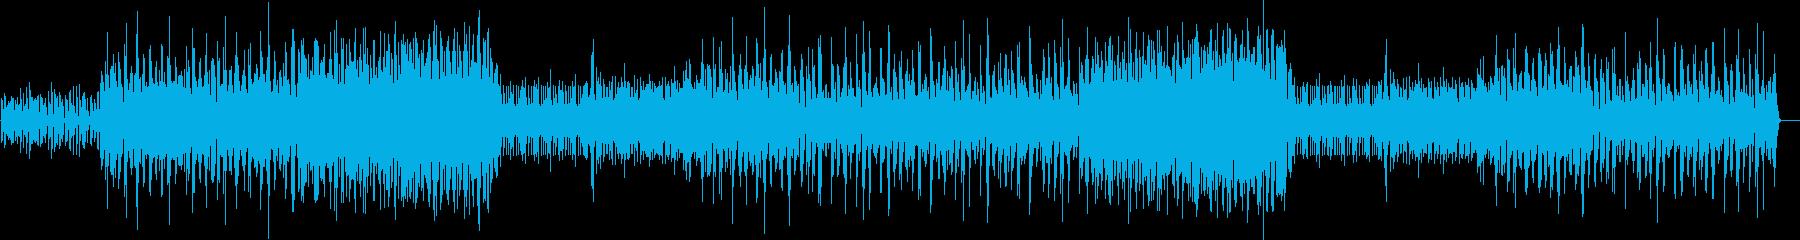 カワイイジャージークラブ、ボサノヴァの再生済みの波形